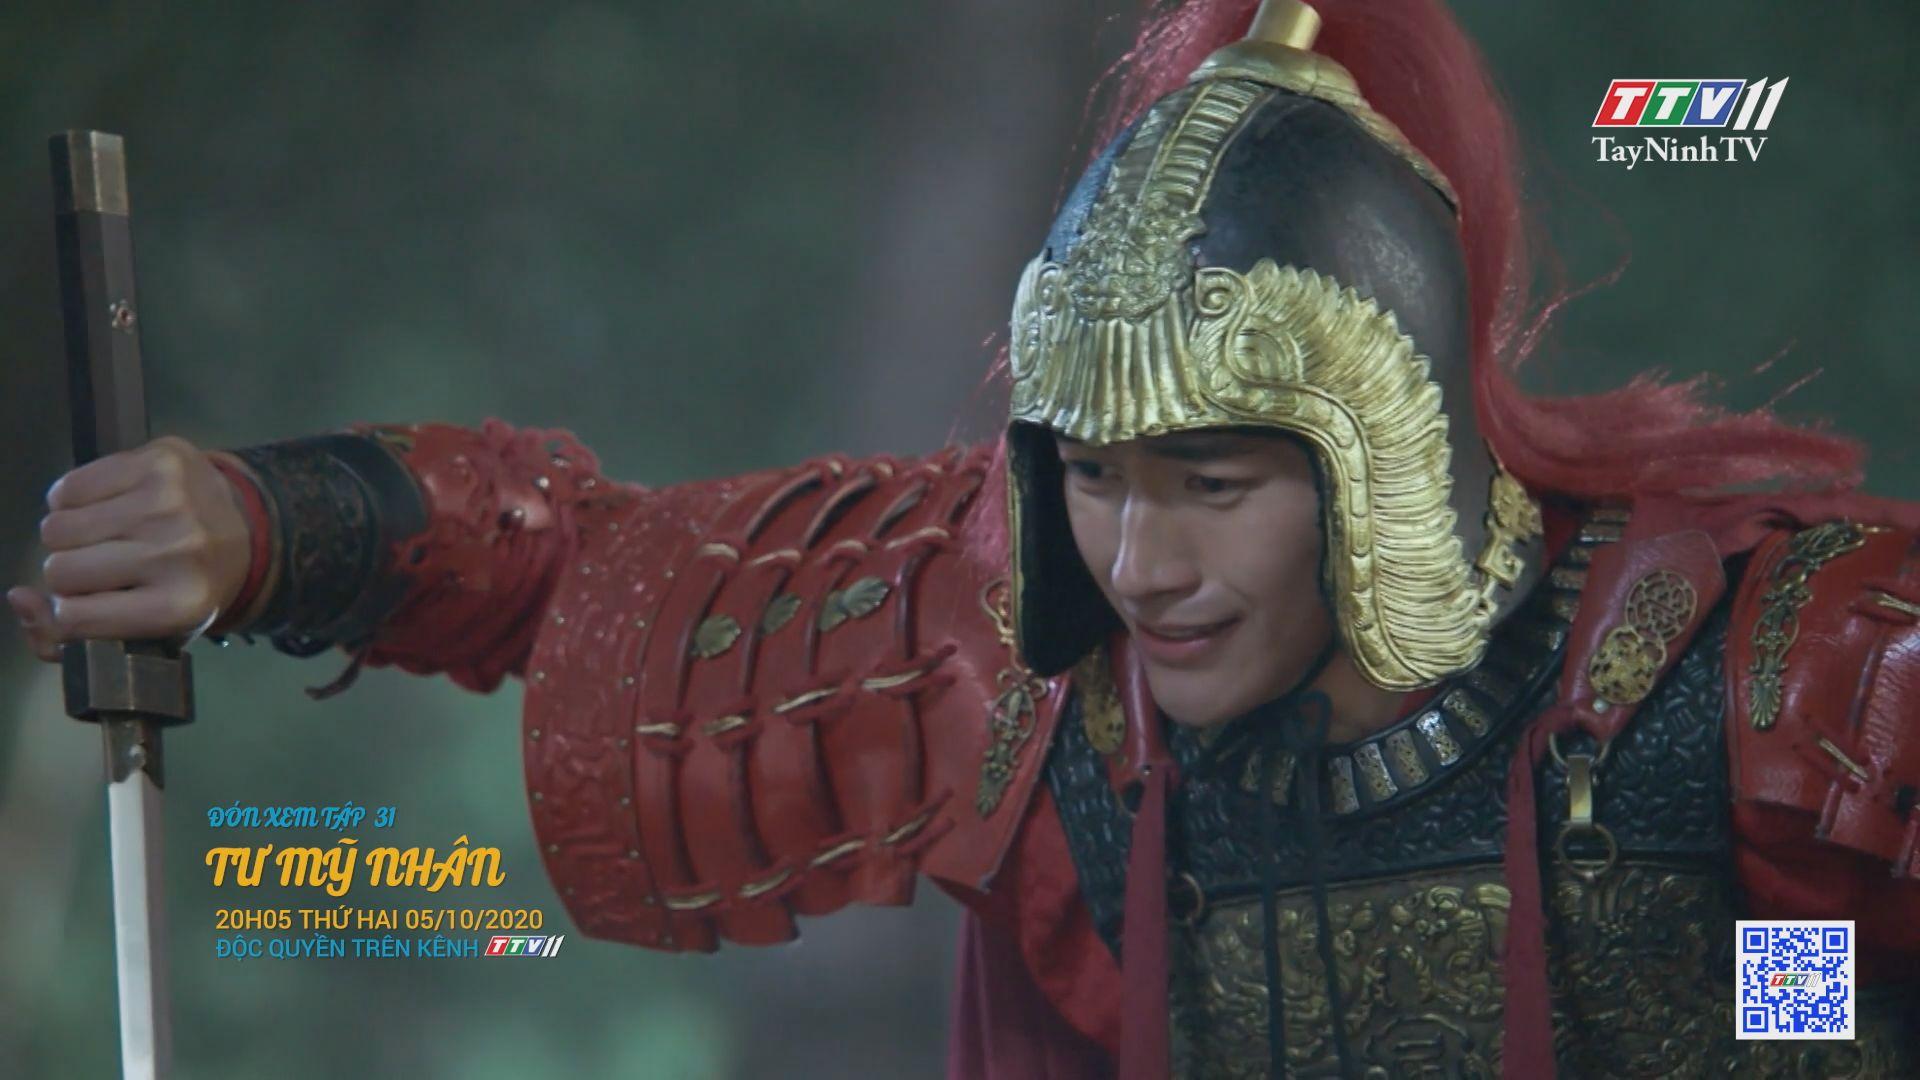 Tư mỹ nhân-TẬP 31 trailer | PHIM TƯ MỸ NHÂN | TayNinhTV